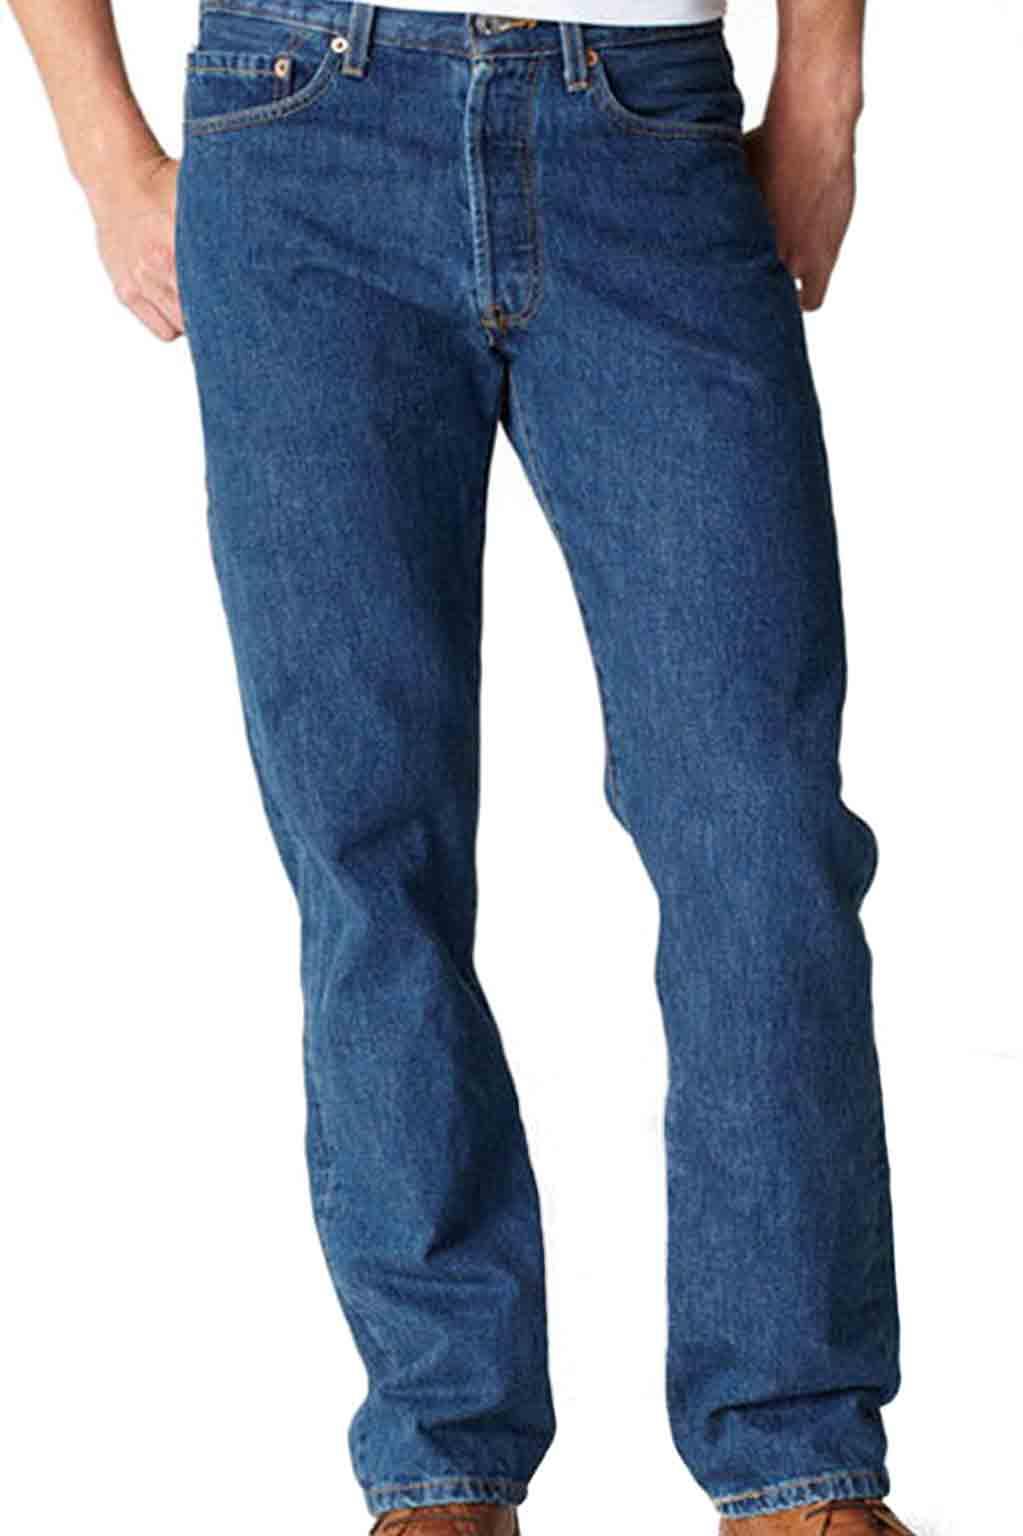 ג'ינס Levis 501-0194 לגבר - כחול